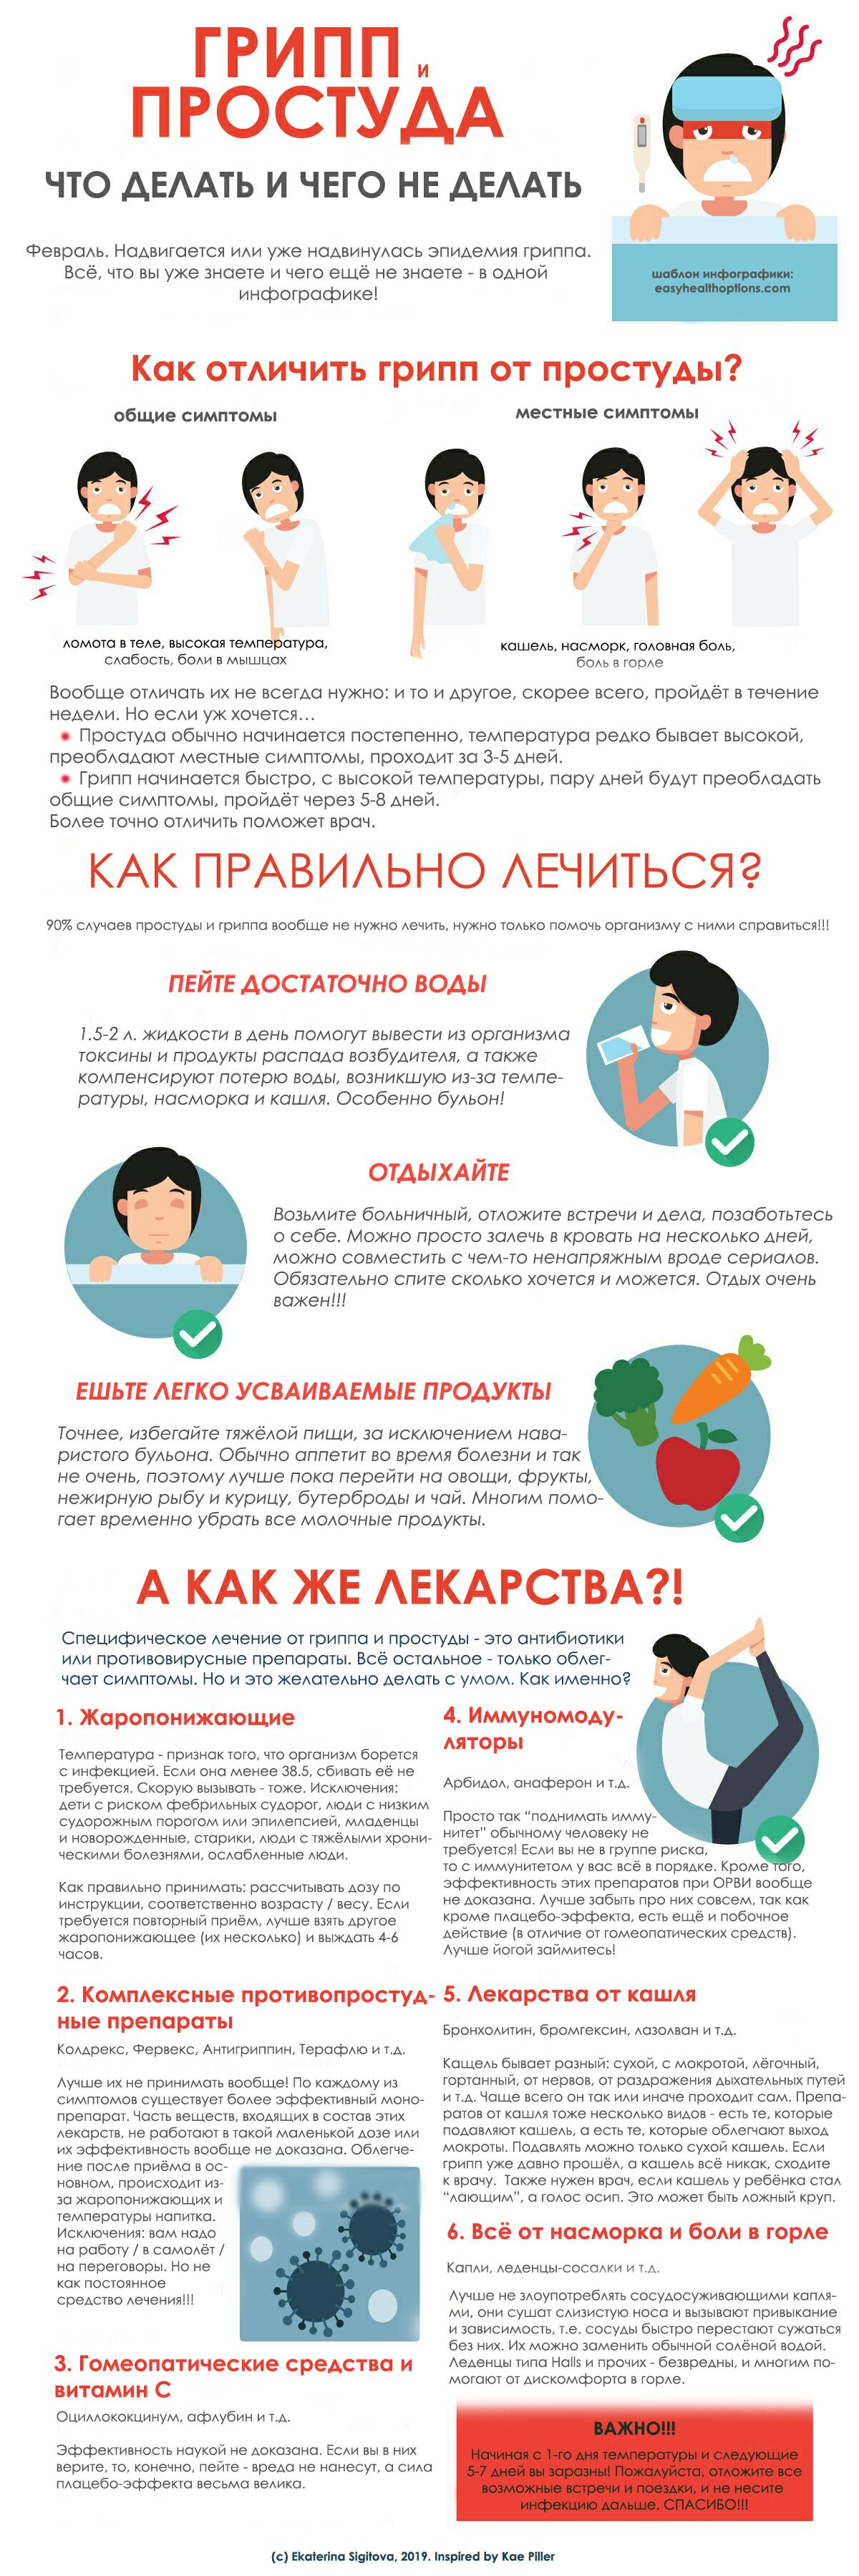 Грипп и простуда: инфографика